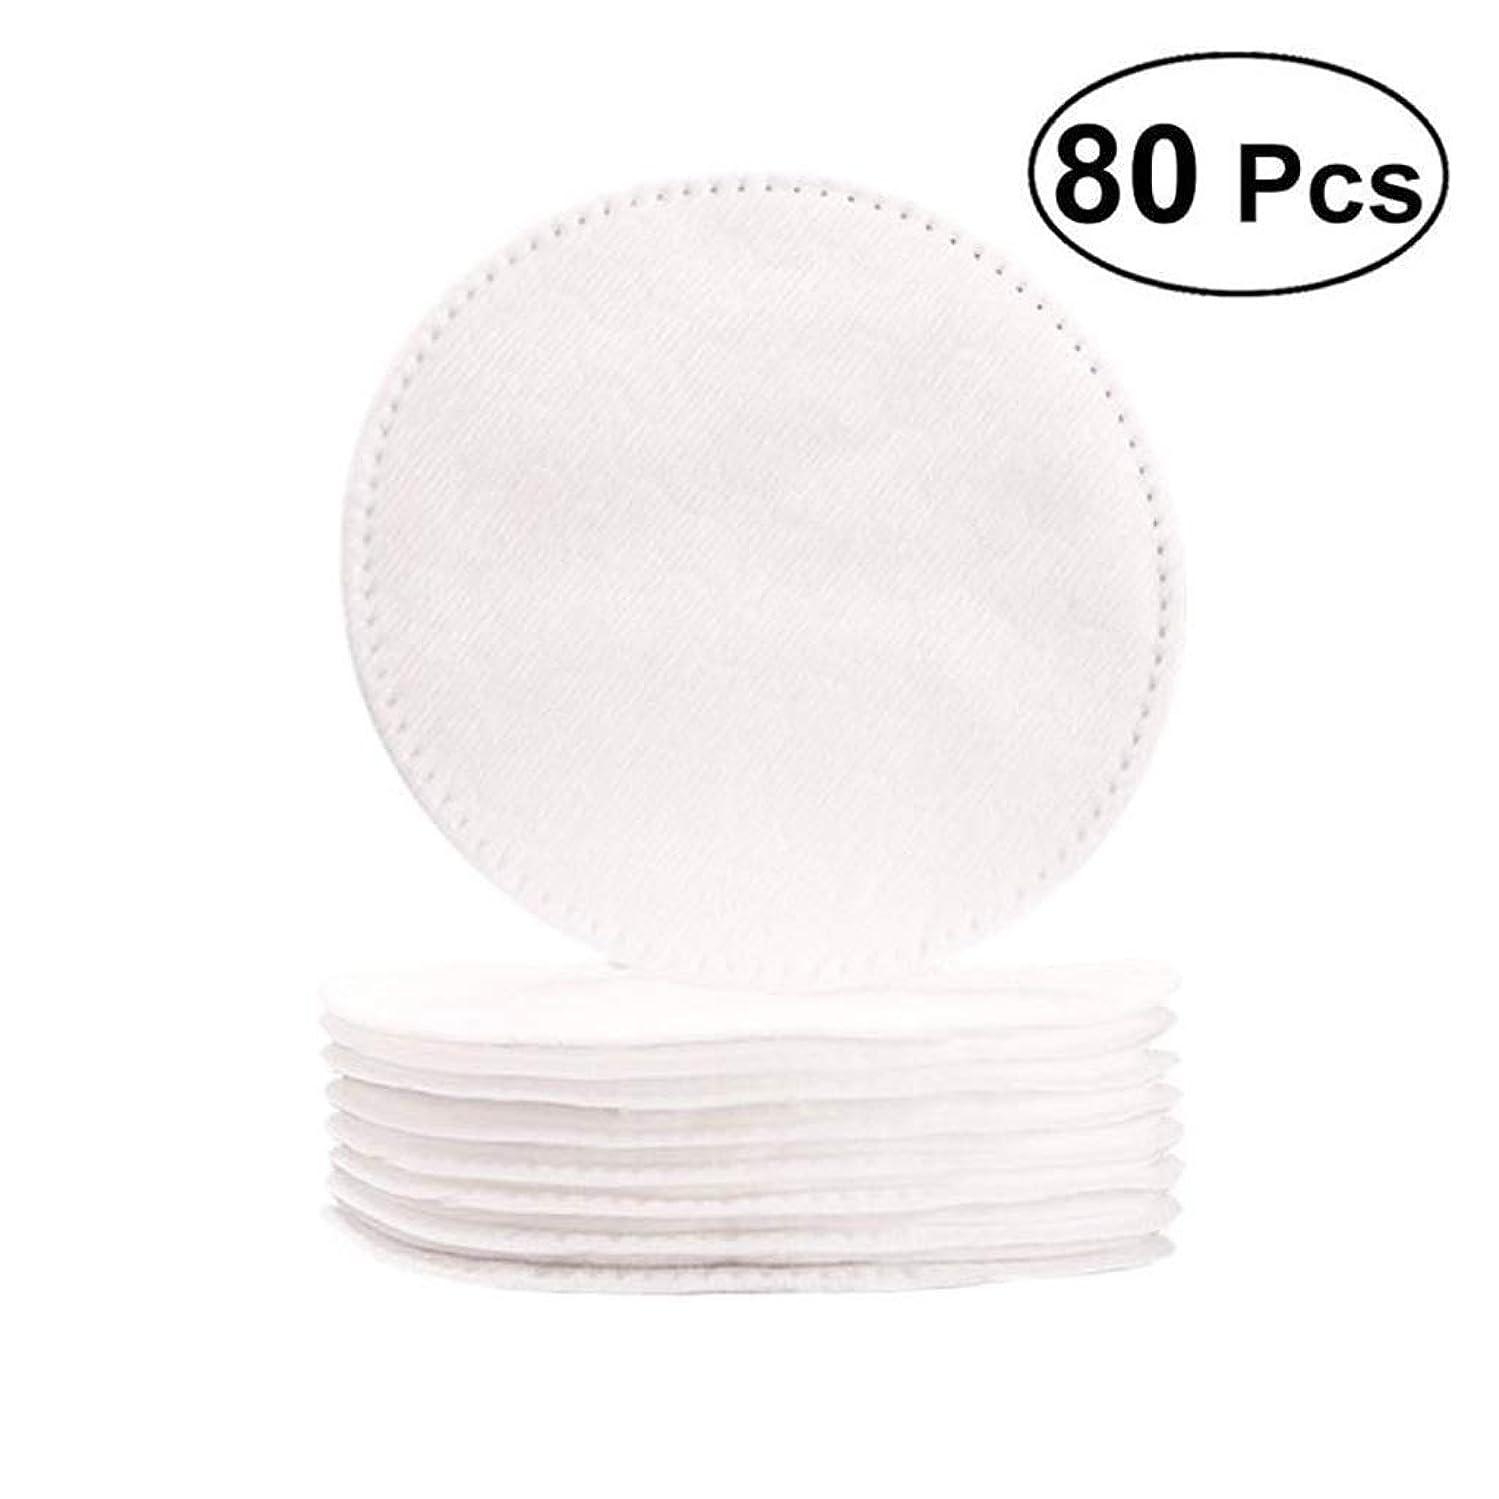 カリング言い直す温度計クレンジングシート 80ピースコットンパッド使い捨てダブルフェイスクレンジングクリーニングパッドフェイシャルコットンシートネイルスキンケアコットンパッド (Color : White, サイズ : 5.5cm)